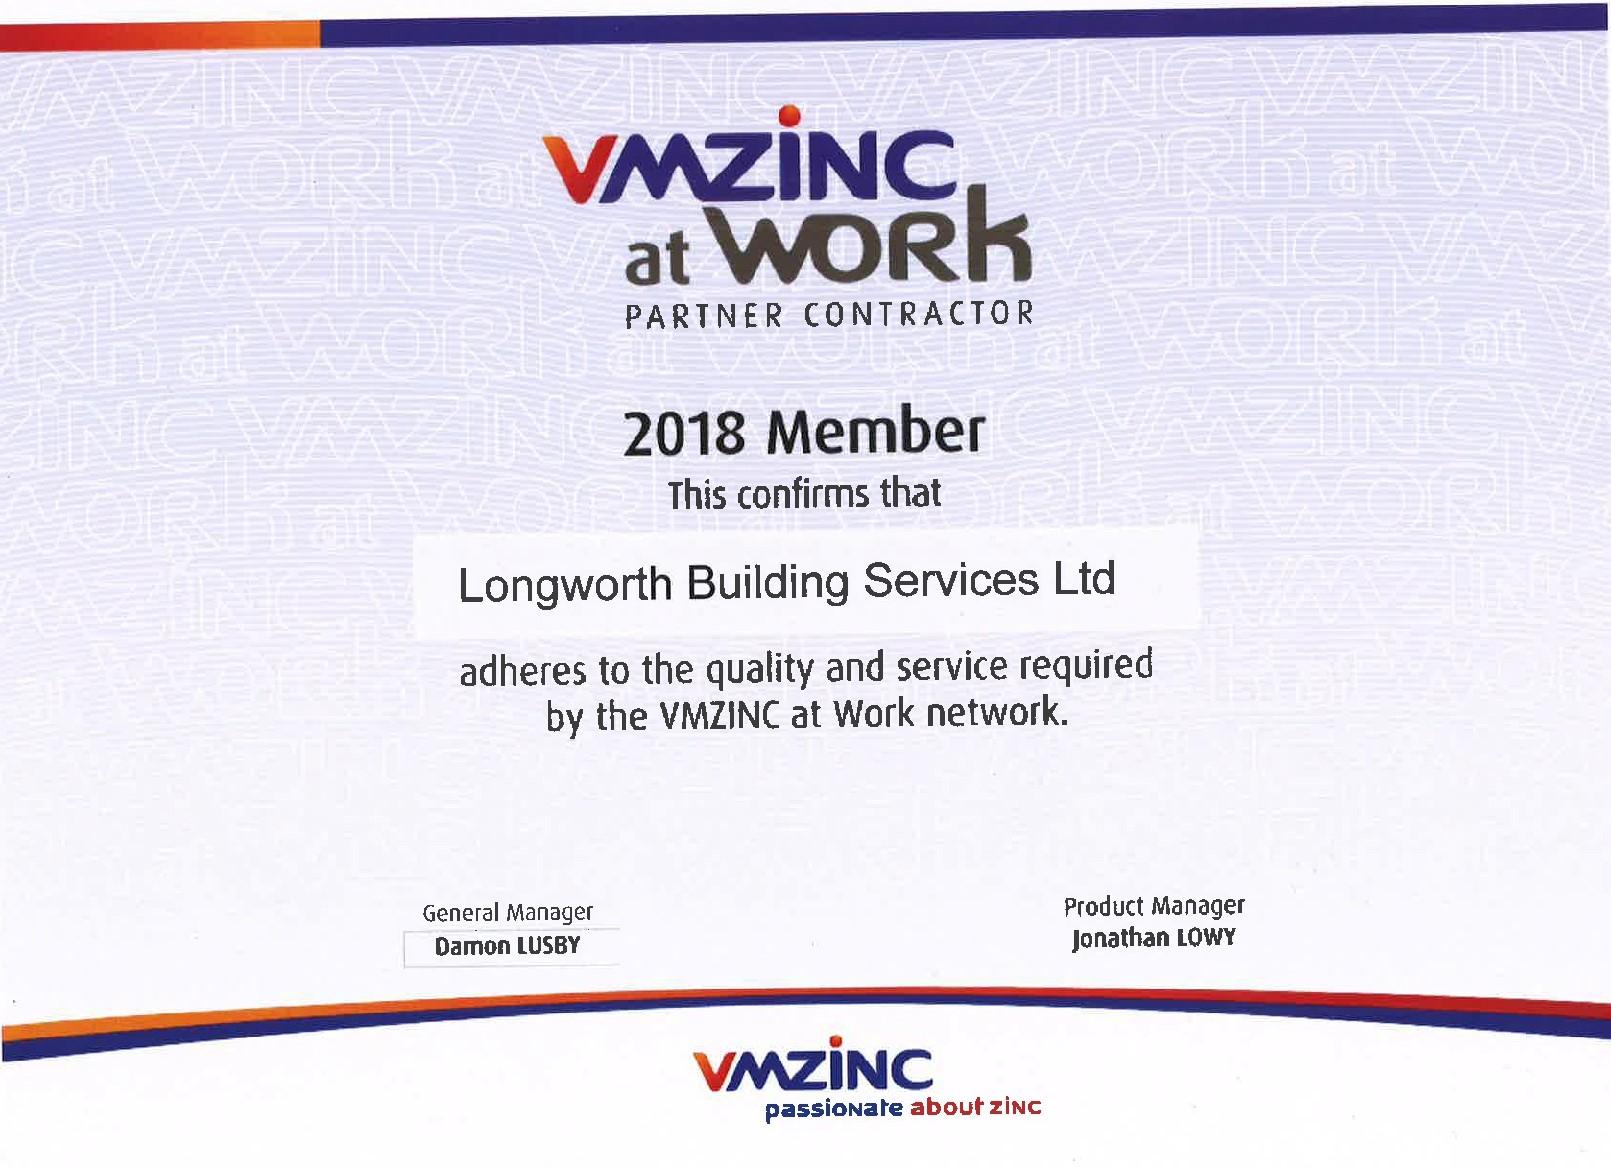 VMZINC at work Longworth certificate